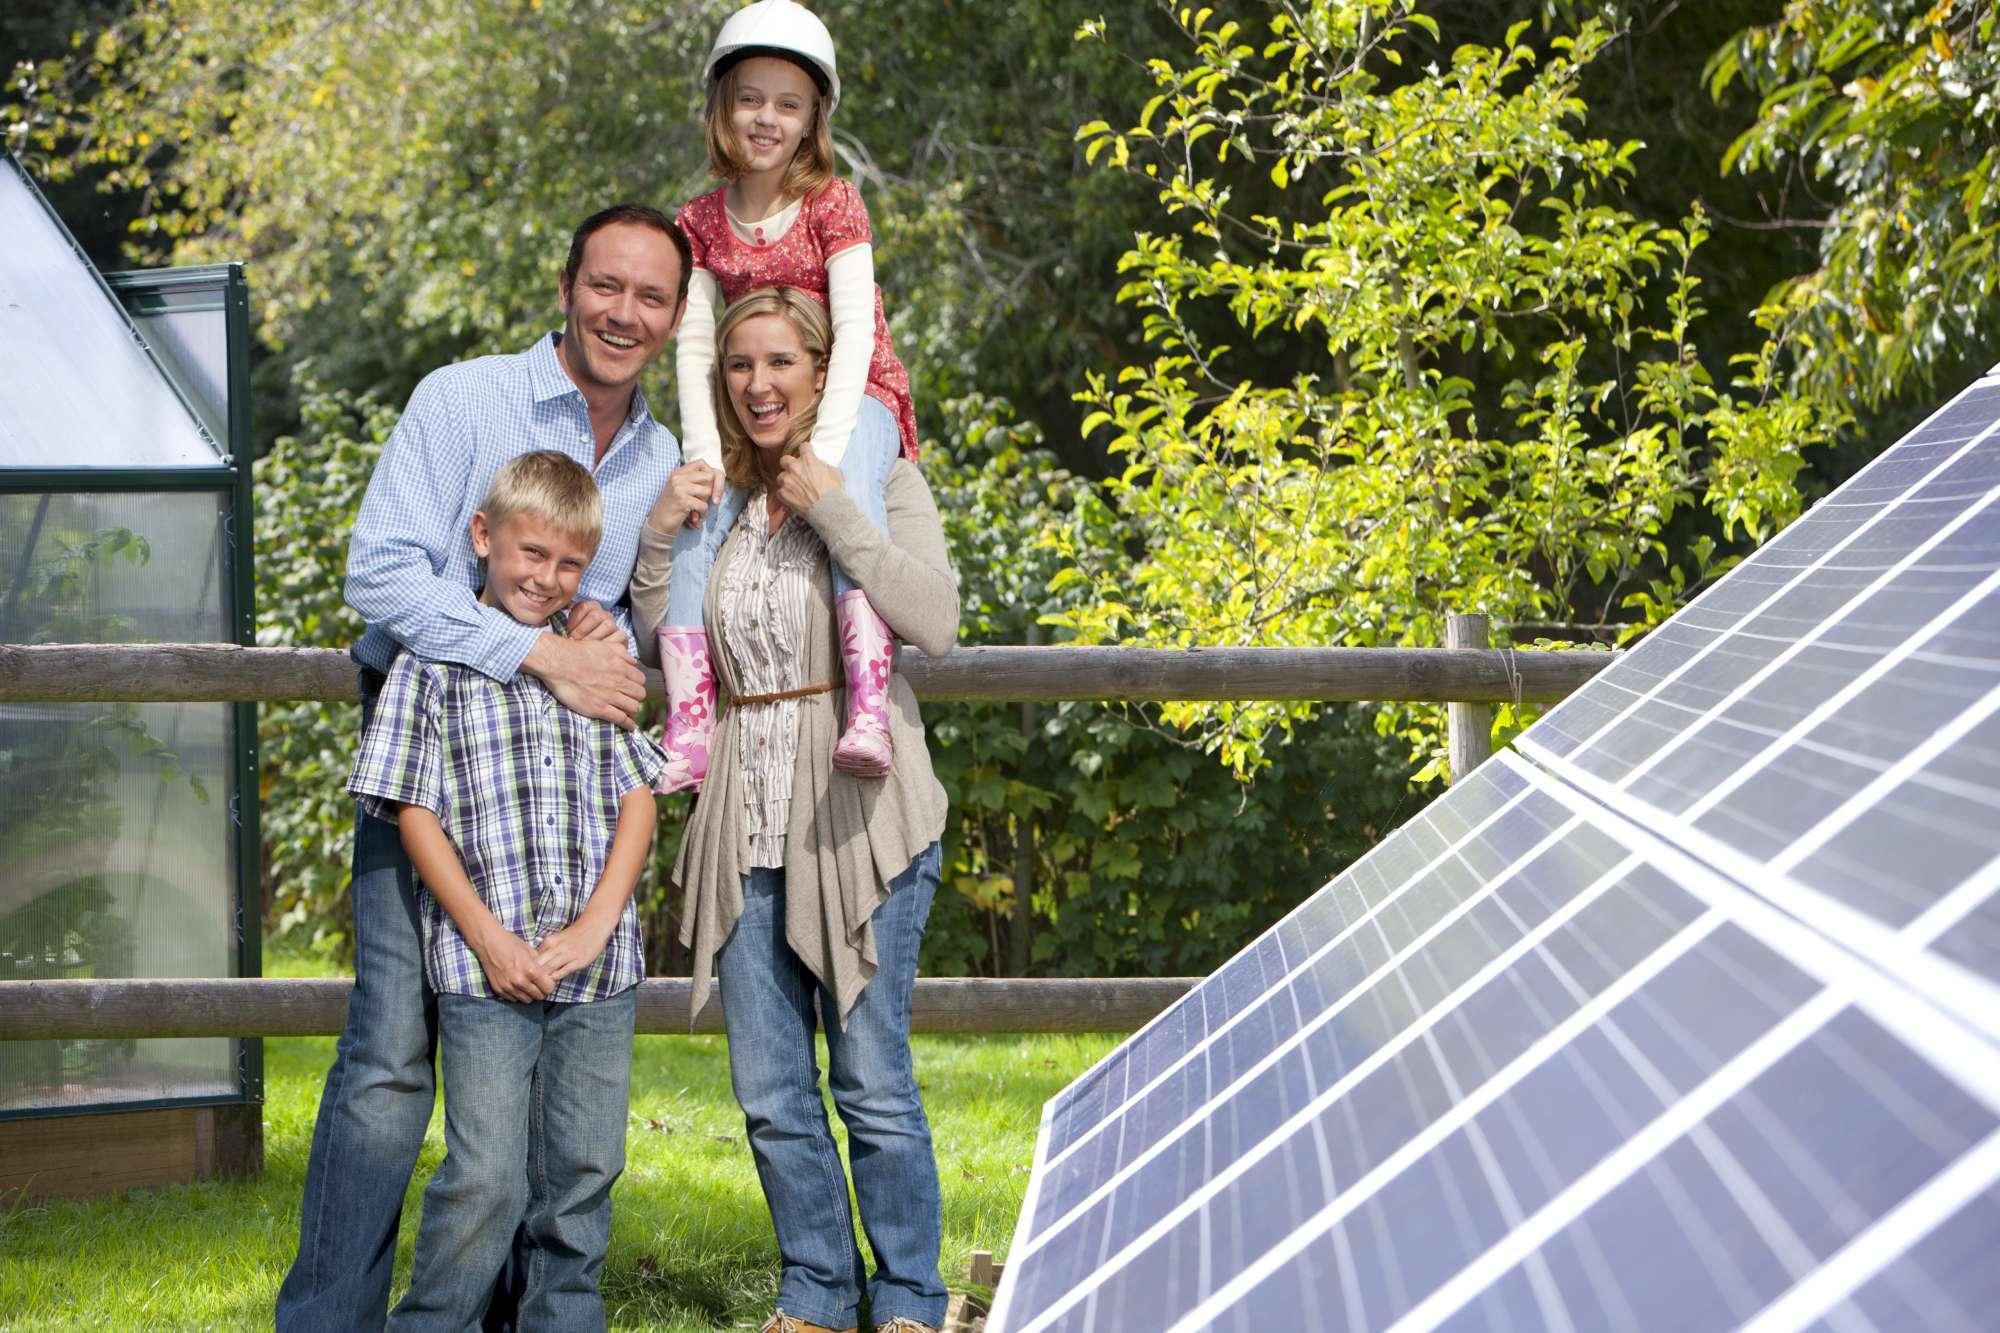 Ecco i 5 ottimi motivi per installare un impianto fotovoltaico